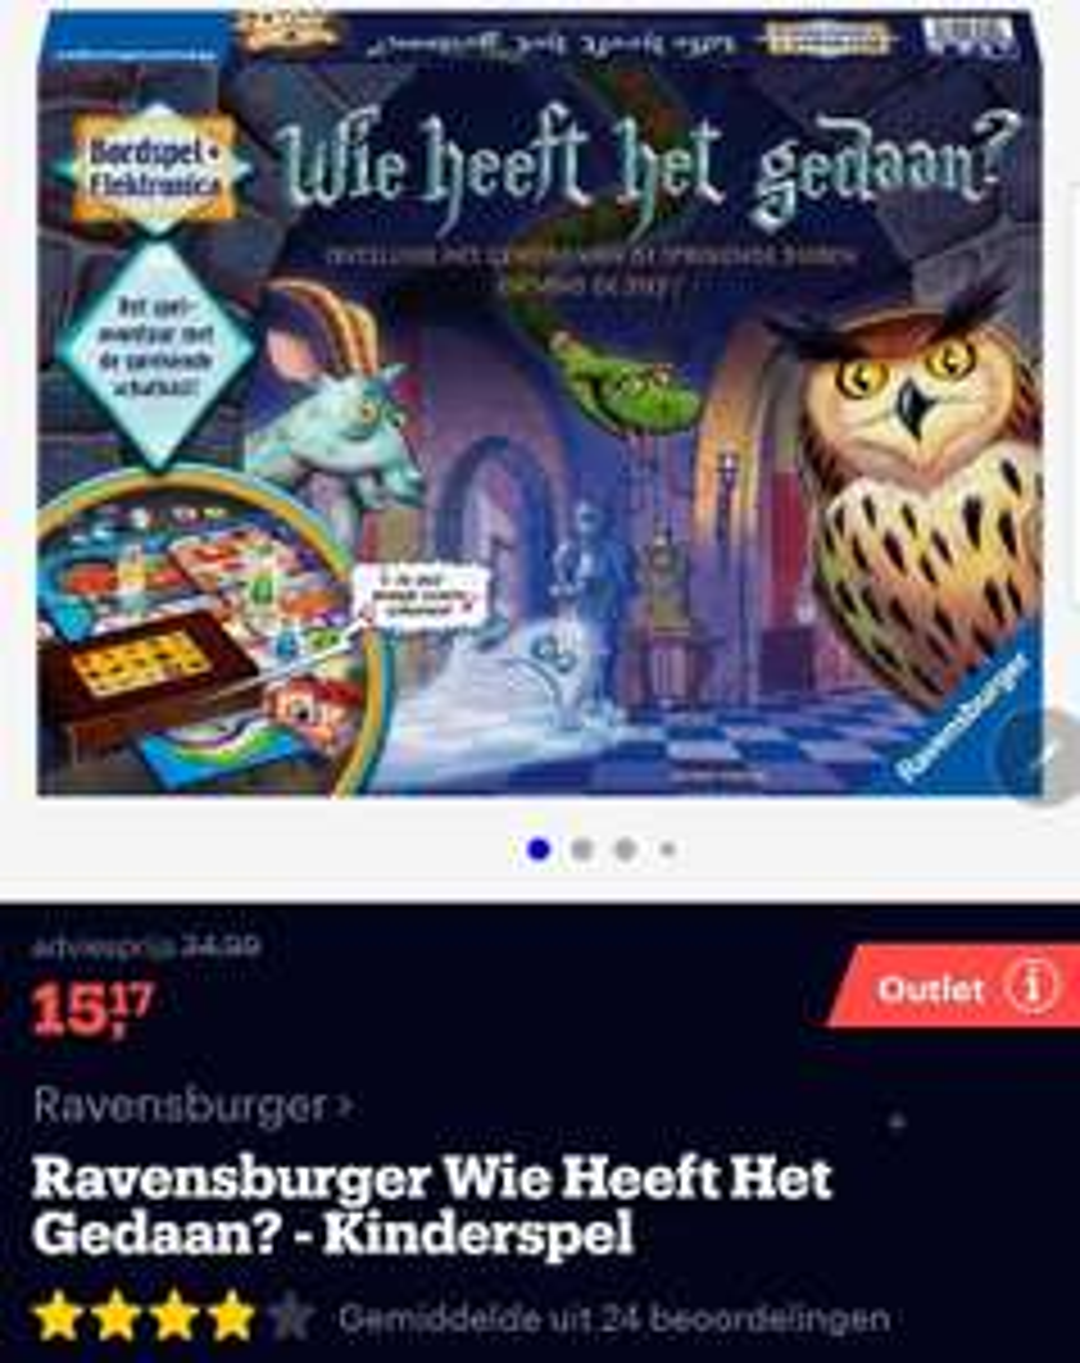 Ravensburger: Wie heeft het gedaan?